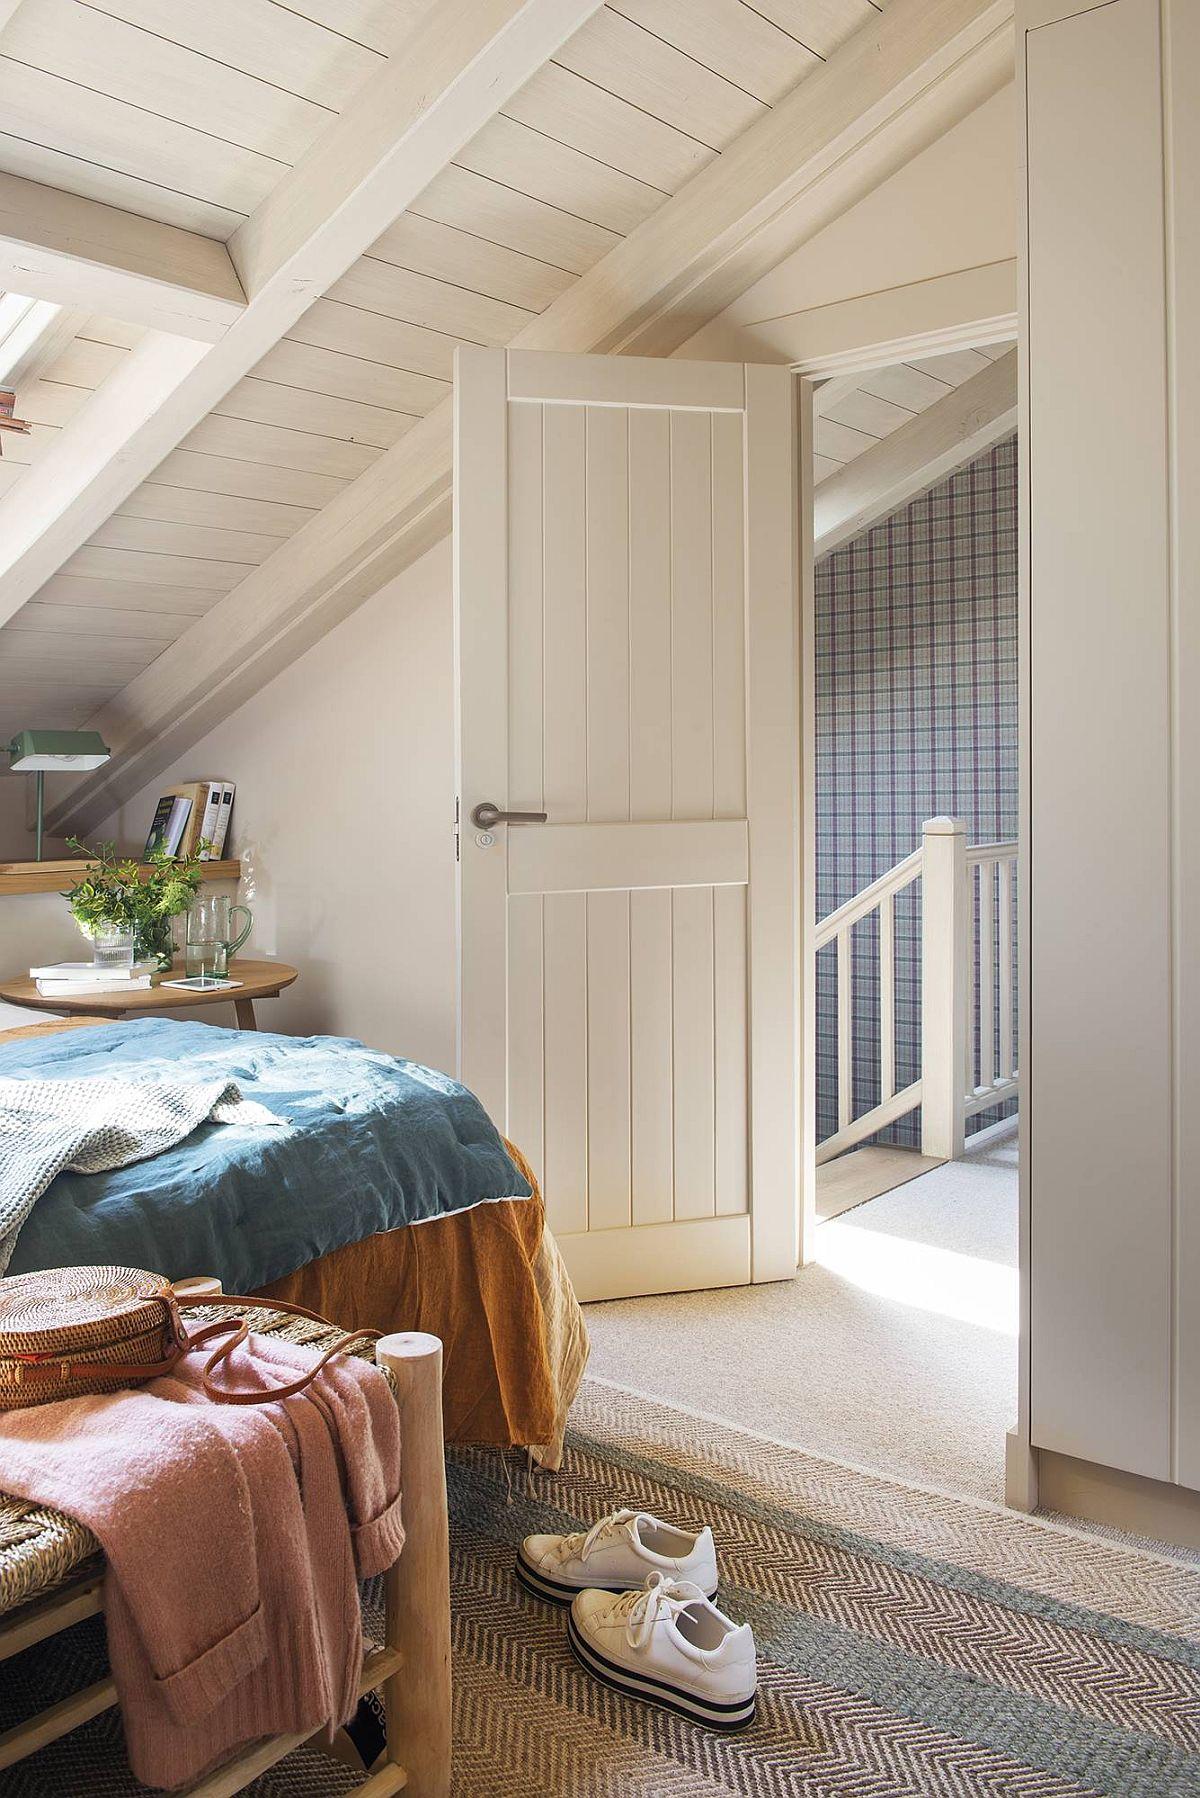 La etaj sunt dormitoarele și băile aferente lor. Cea mai mare provocare a fost vopsiea tâmplăriei și a plafoanelor în nuanță deschisă. Inițial totul era în nuanță de stejar, dar asta închidea și mai mult atmosfera, pe lângă forma și dimensiunile mici ale camerei. Chiar dacă soțul s-a împotrivit inițial vopsirii suprafețelor din lemn, la final a apreciat transformarea majoră a ambientului.